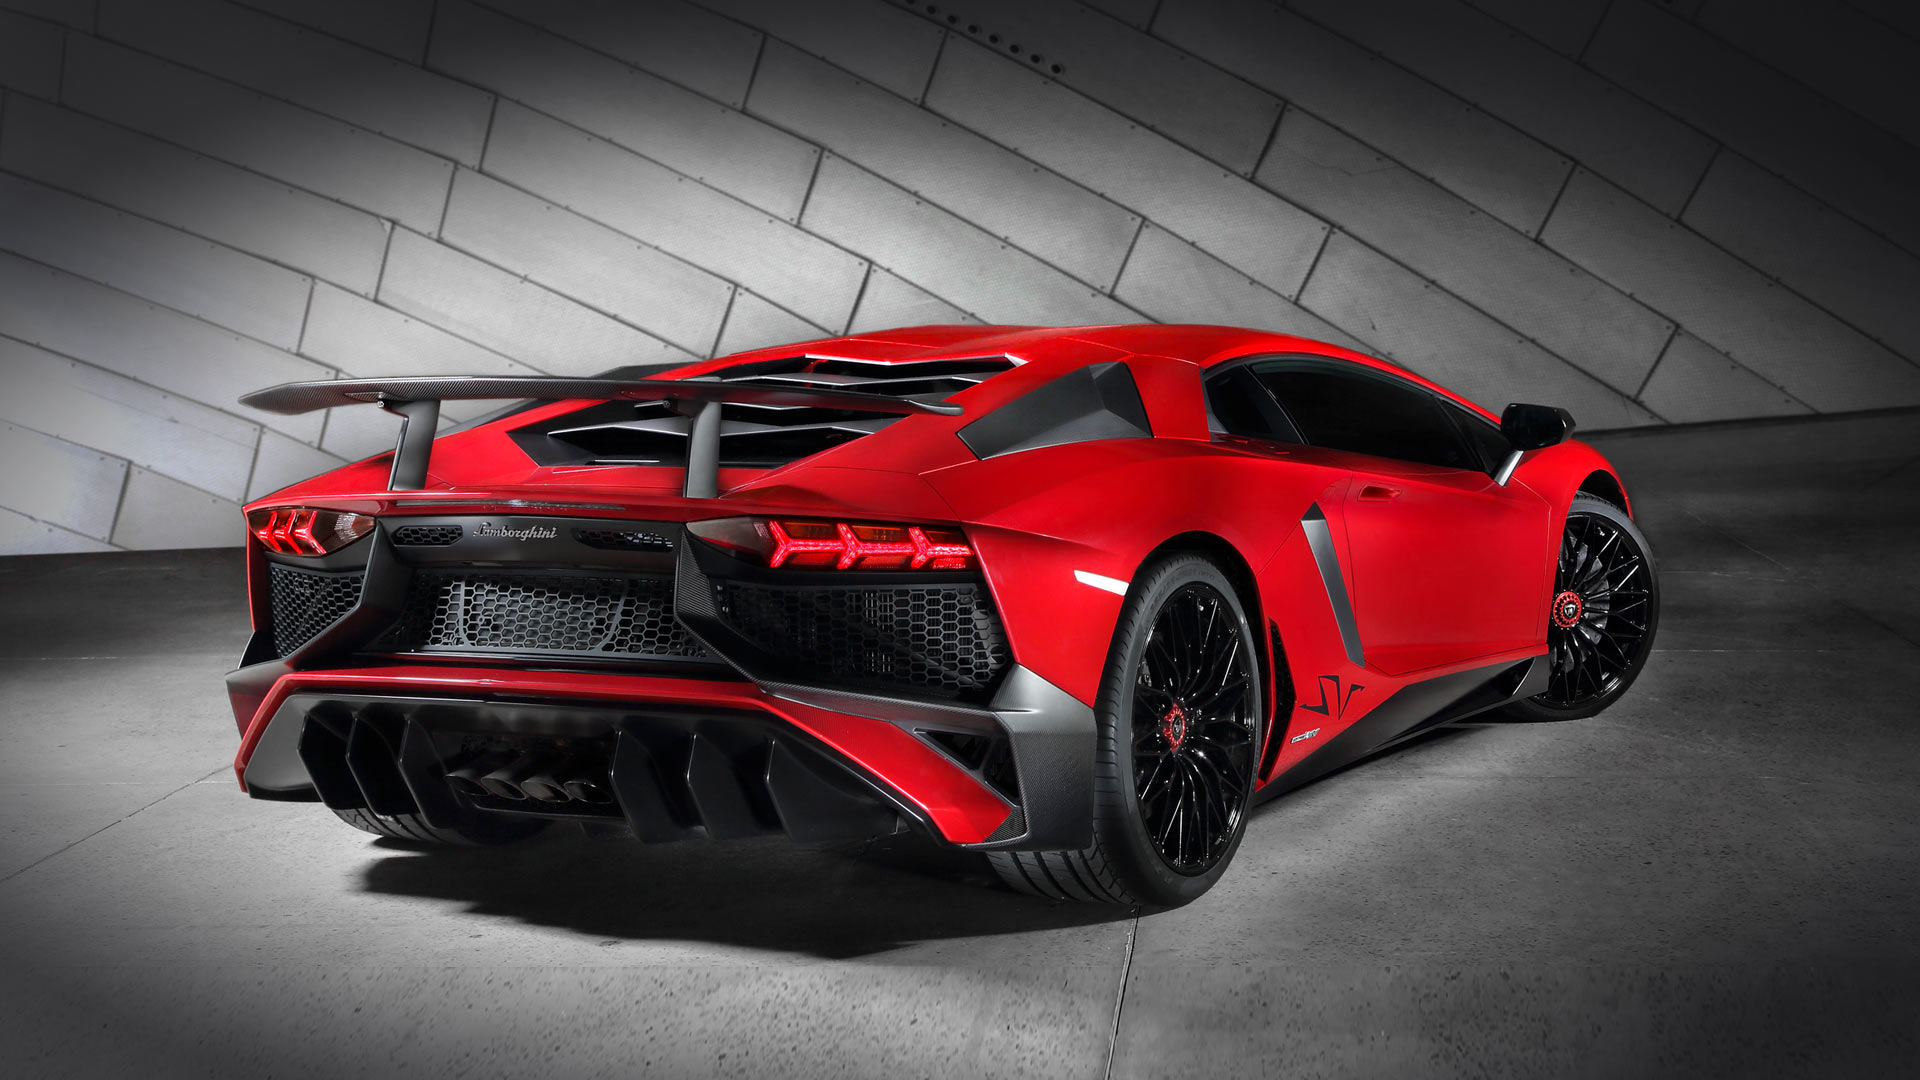 Объявлена рублёвая стоимость Lamborghini Aventador S